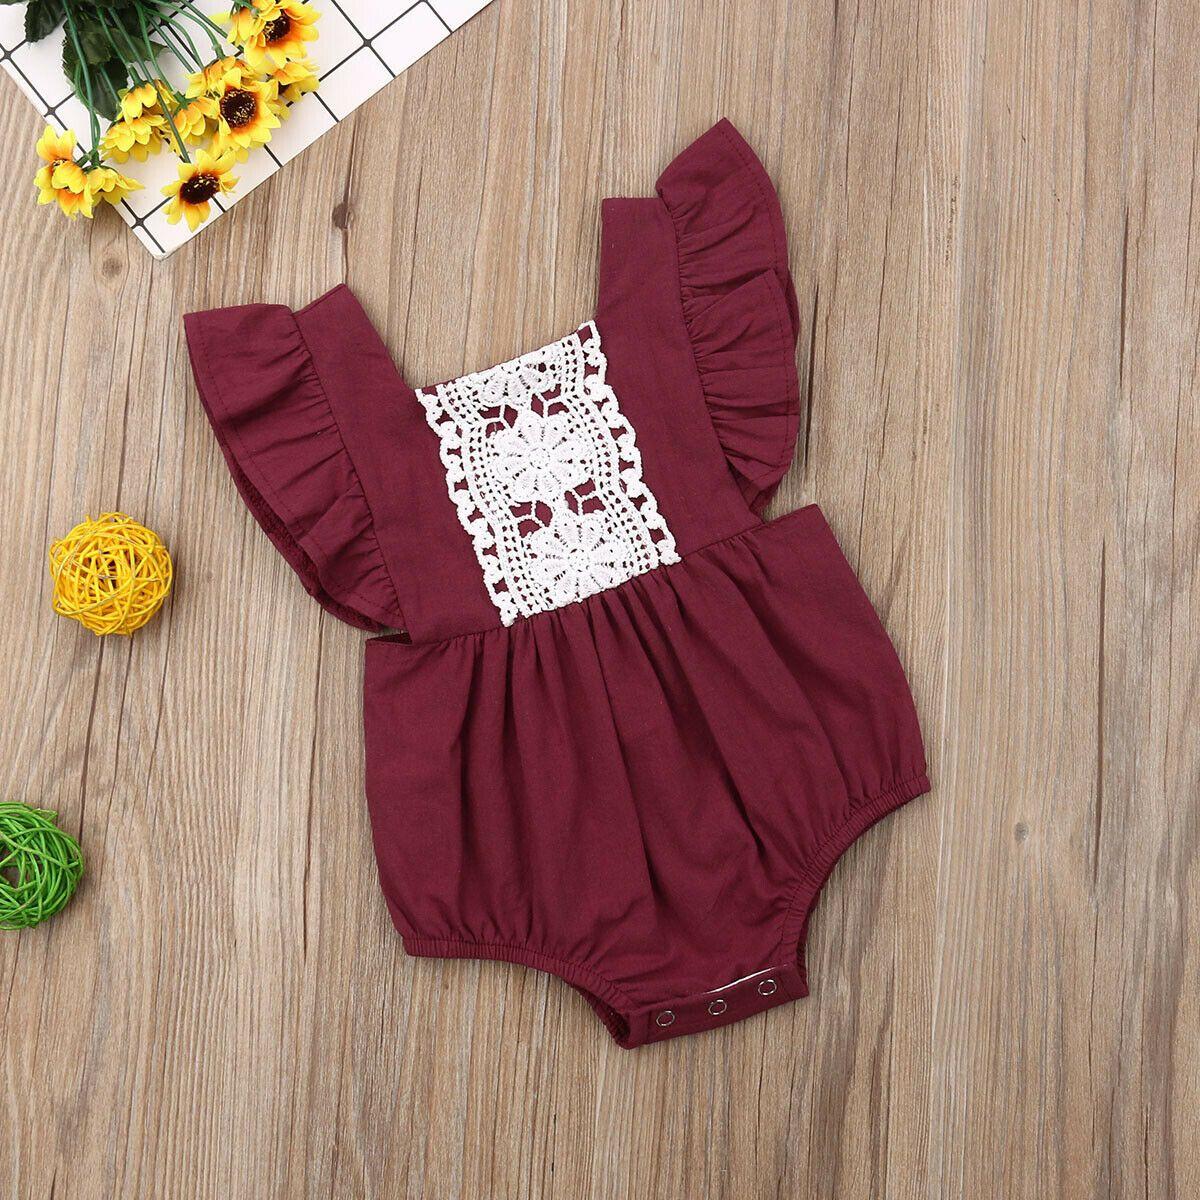 Yenidoğan Bebek Kız Bodysuits Giyim Dantel fırfır Prenses Yürüyor Bebek Tulumlar Kıyafetler Sunsuit Yaz Bebek Çocuk Kostümleri